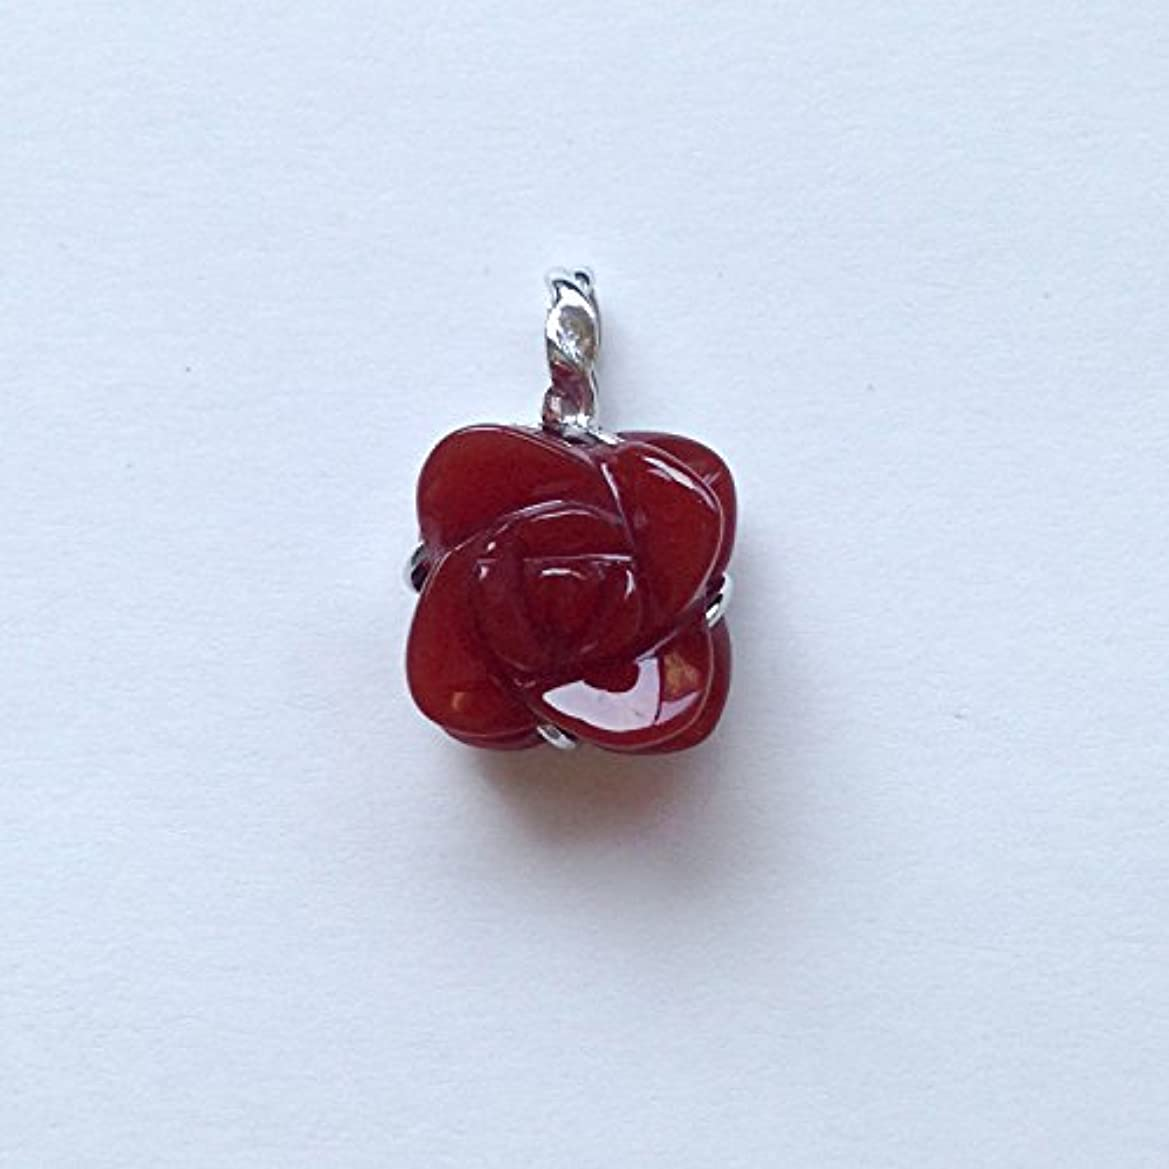 聴くインスタンス計画的香る宝石SV赤メノウペンダント通常¥26,800の所 (Ag925)